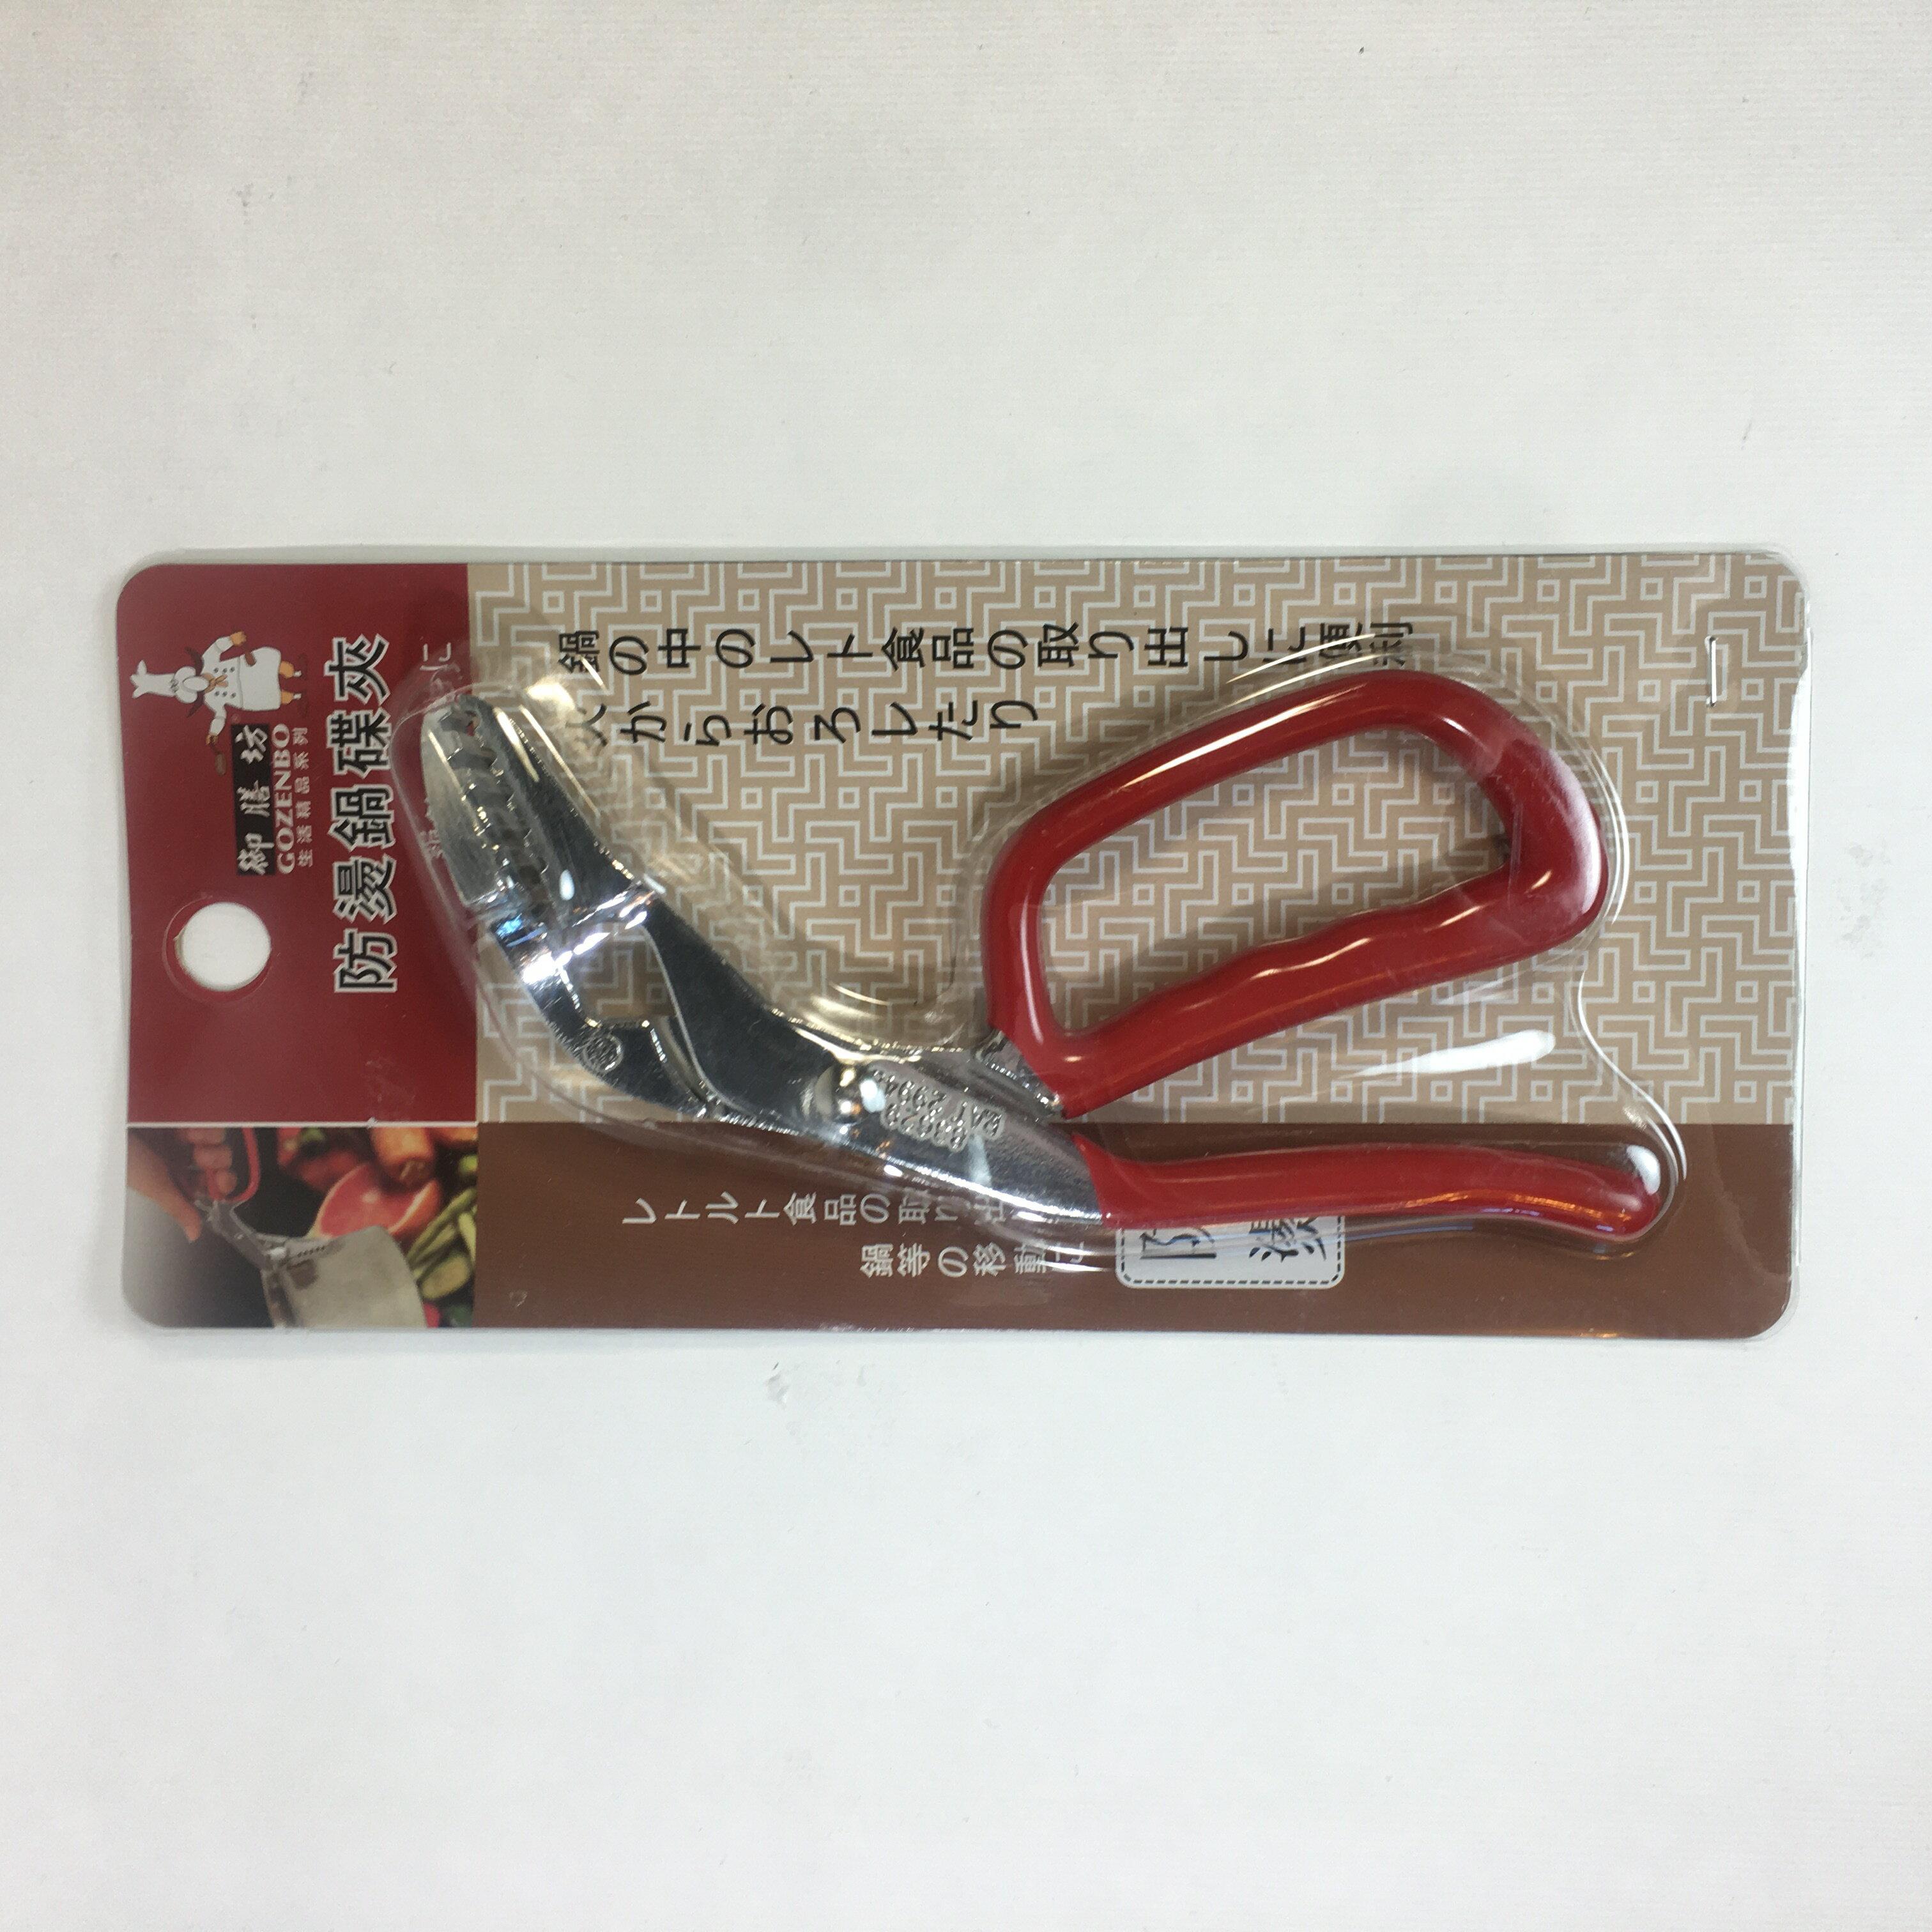 蓮潭百貨 防燙鍋碟夾 15cm+-3% 電鍋 料理器具 防燙